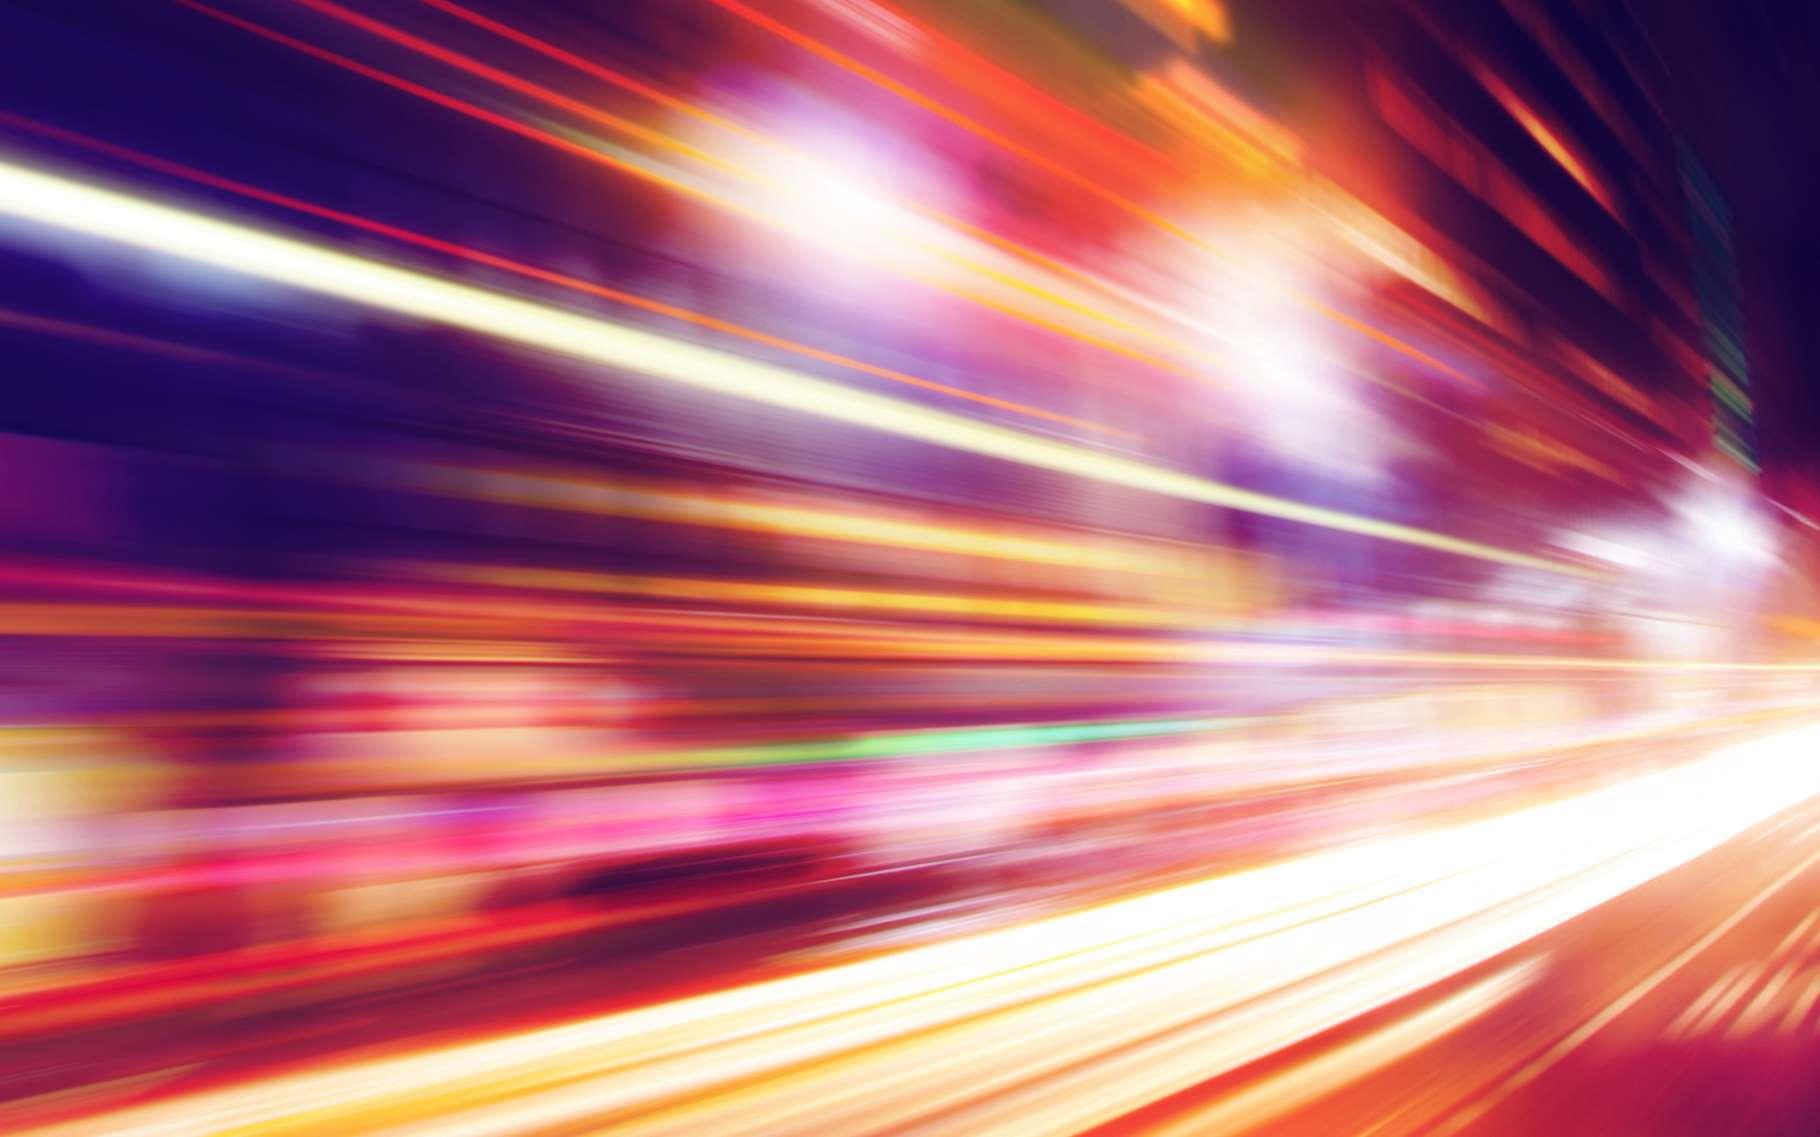 Pour retenir la valeur de la vitesse de la lumière dans le vide, on peut se souvenir de la phrase suivante et compter le nombre de lettres dans chacun des mots qui la composent : la constante lumineuse restera désormais là, dans votre cervelle. © Elenamiv, Shutterstock